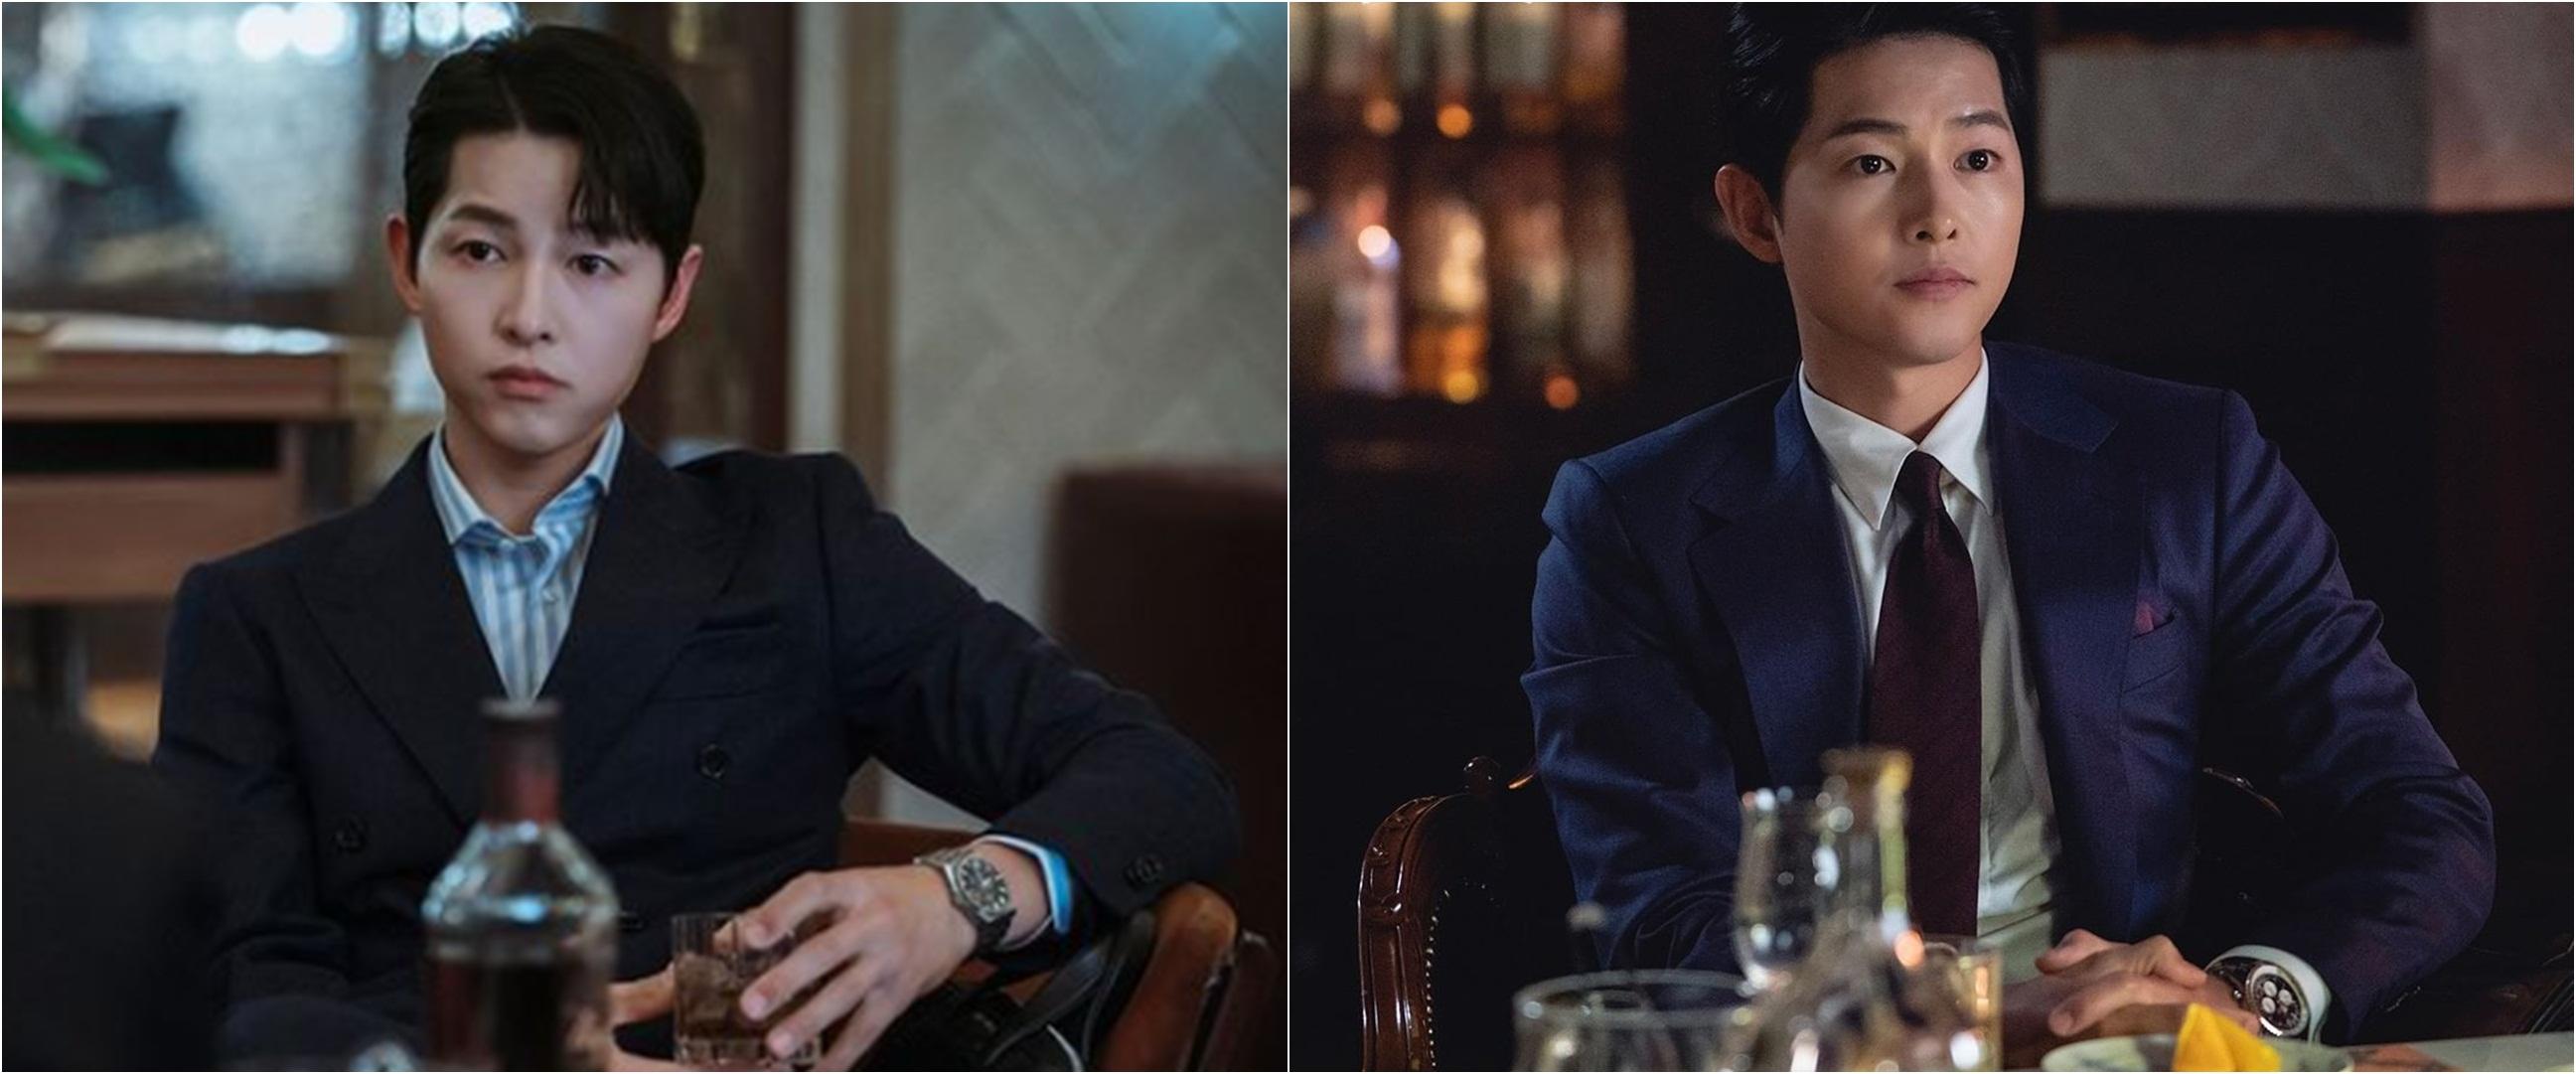 8 Potret Song Joong-ki di drama Korea Vincenzo, gagah dan memesona